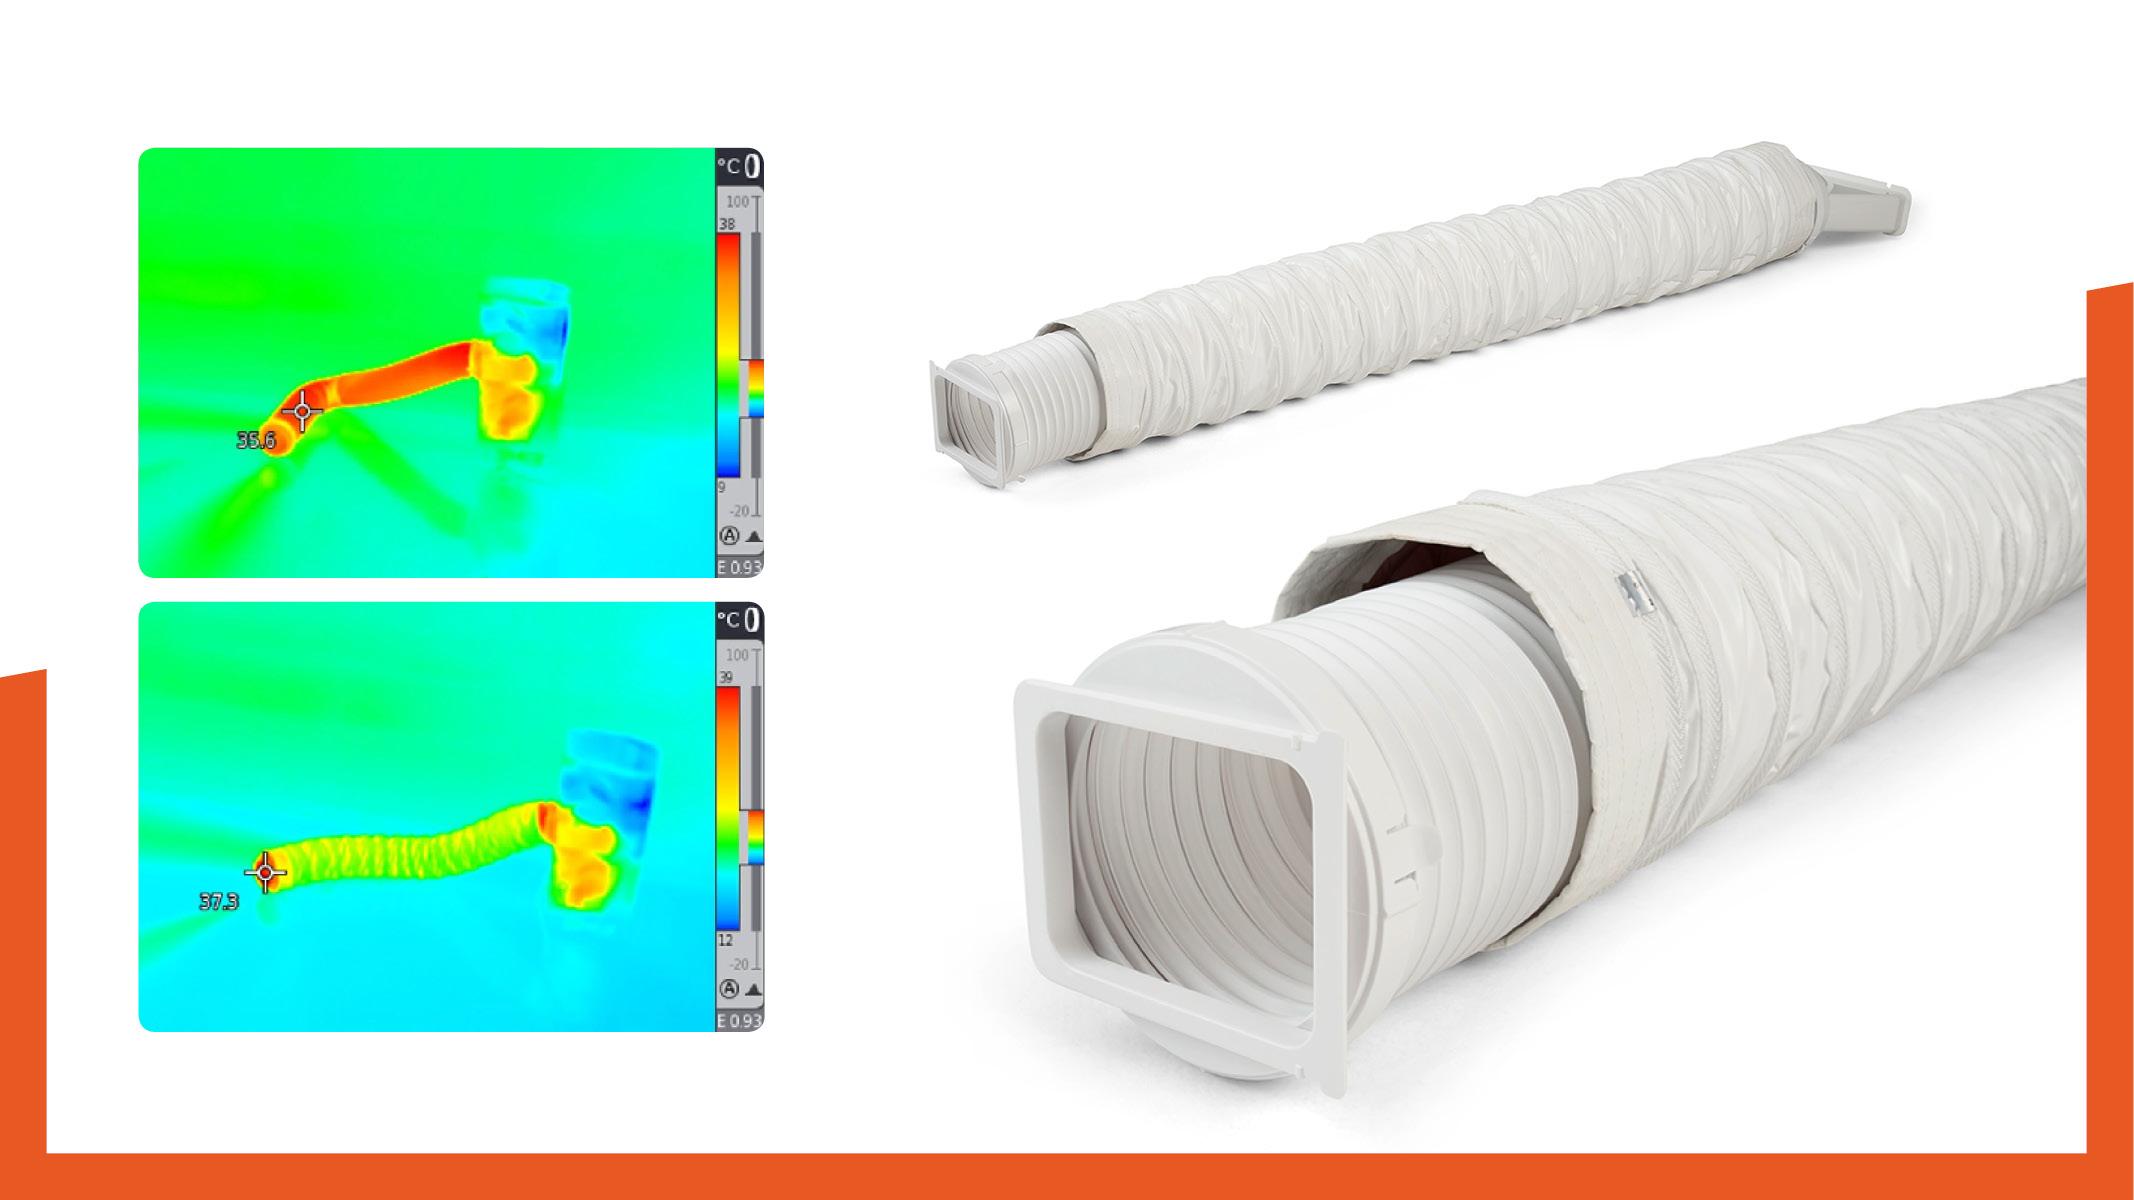 Thermoisolierschlauch-Klimagerät-vergleich